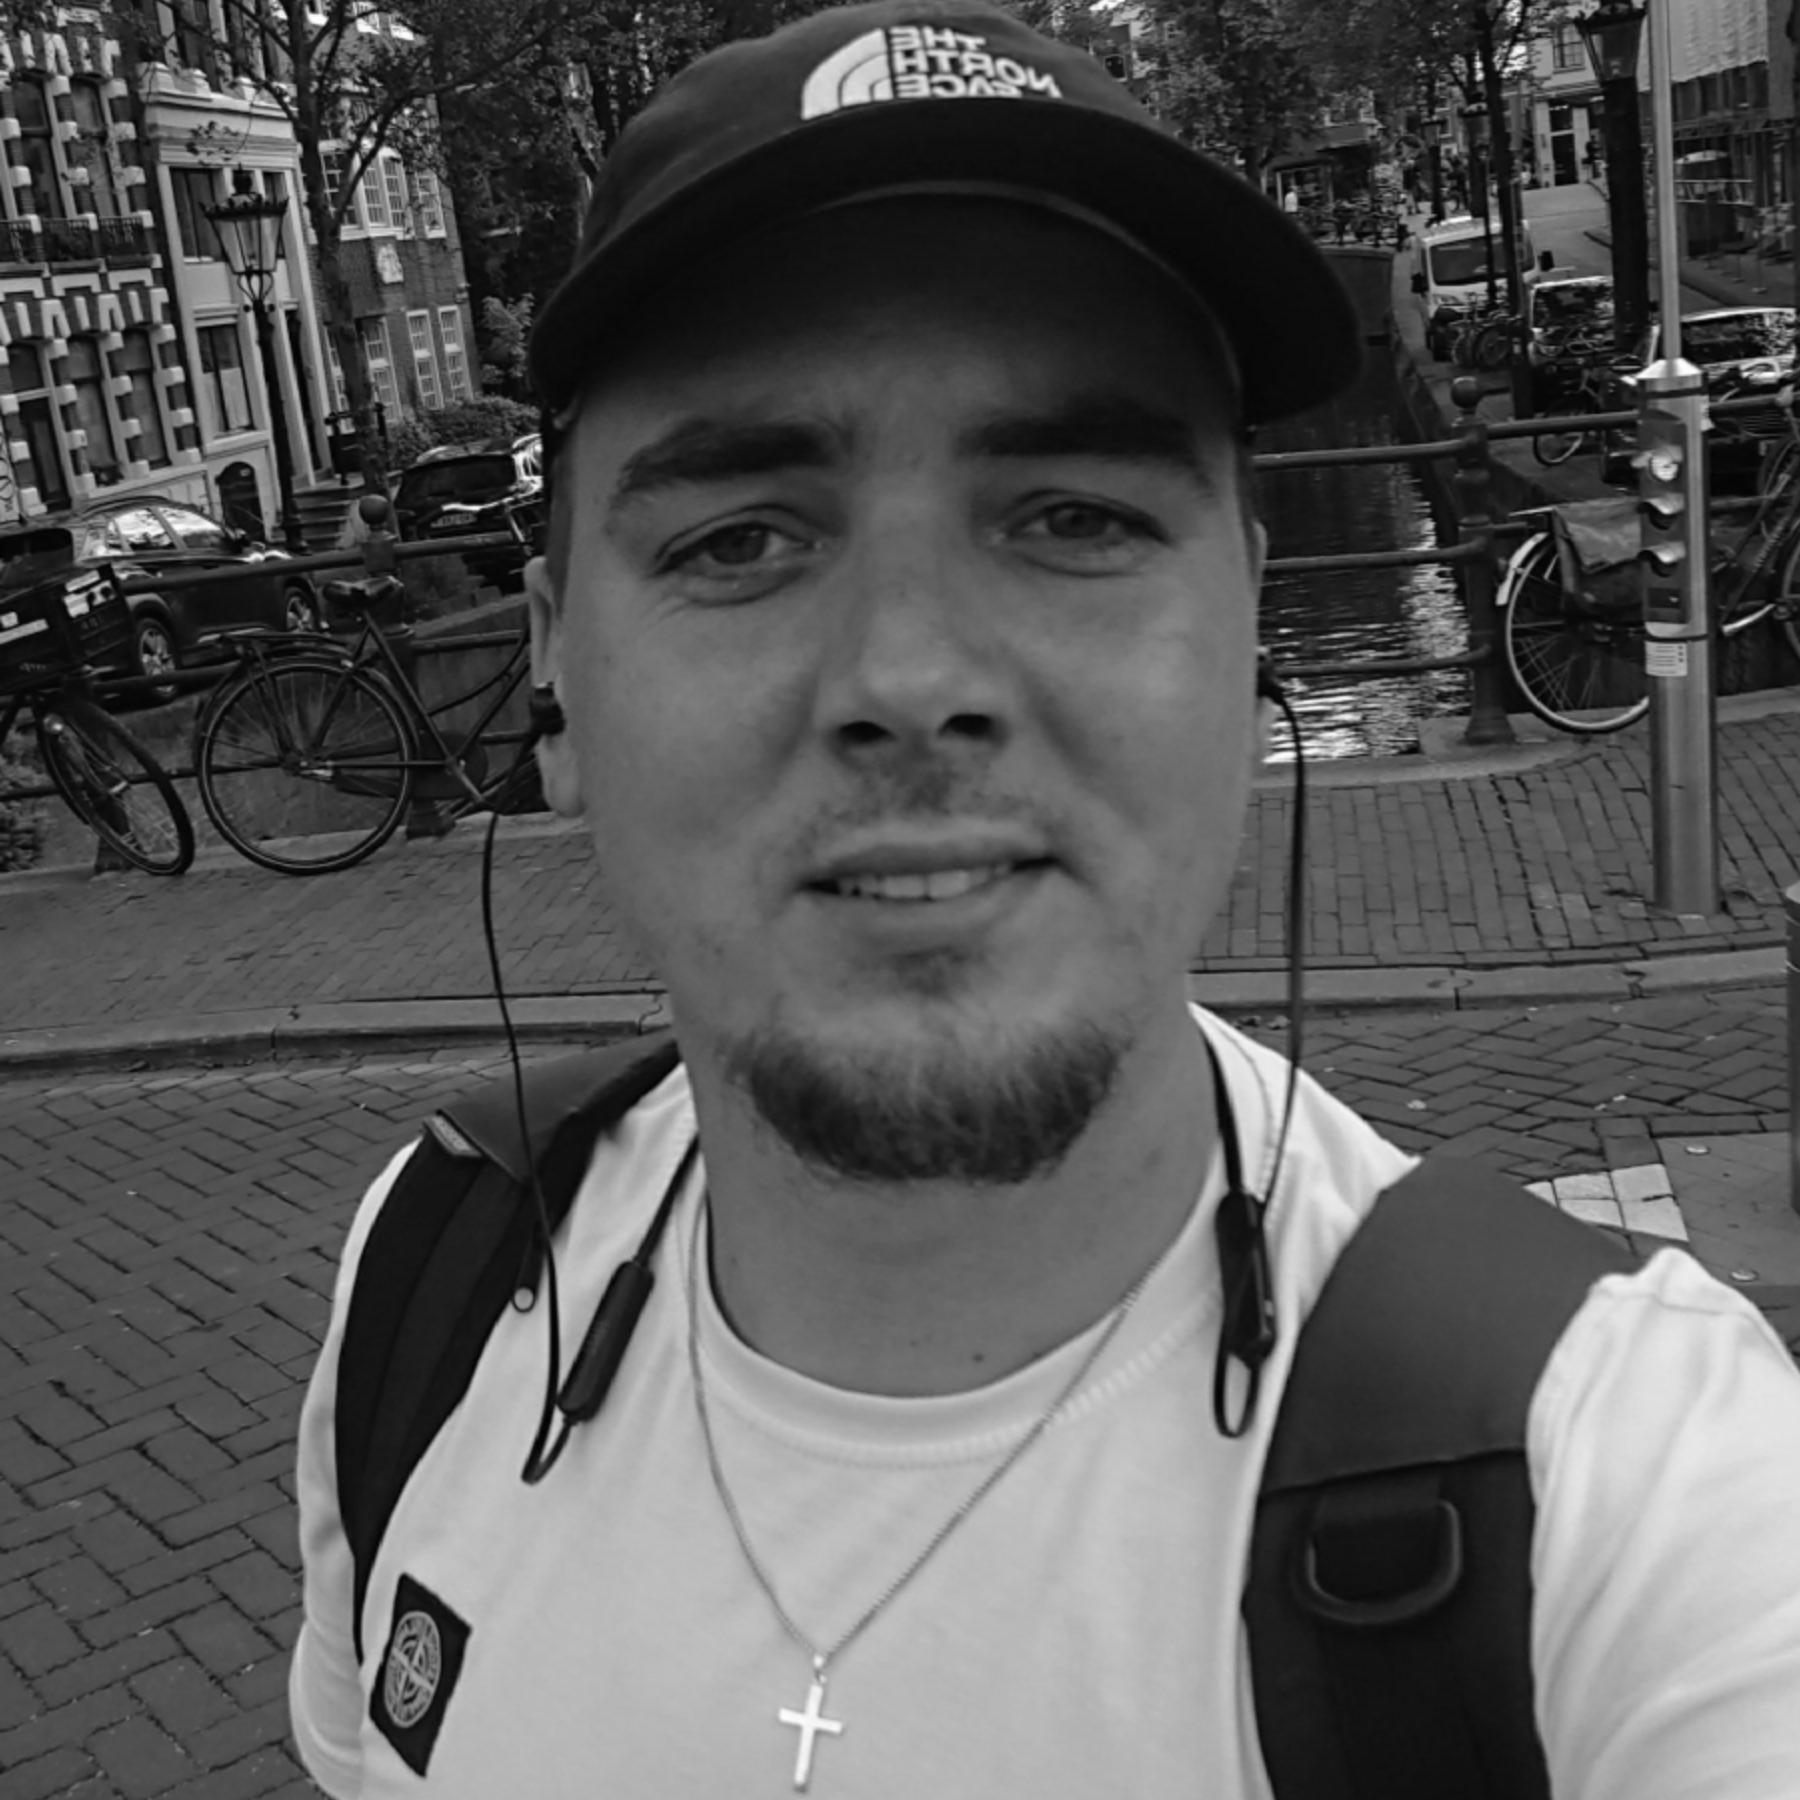 Bouke Lourens aan de Amsterdamse grachten